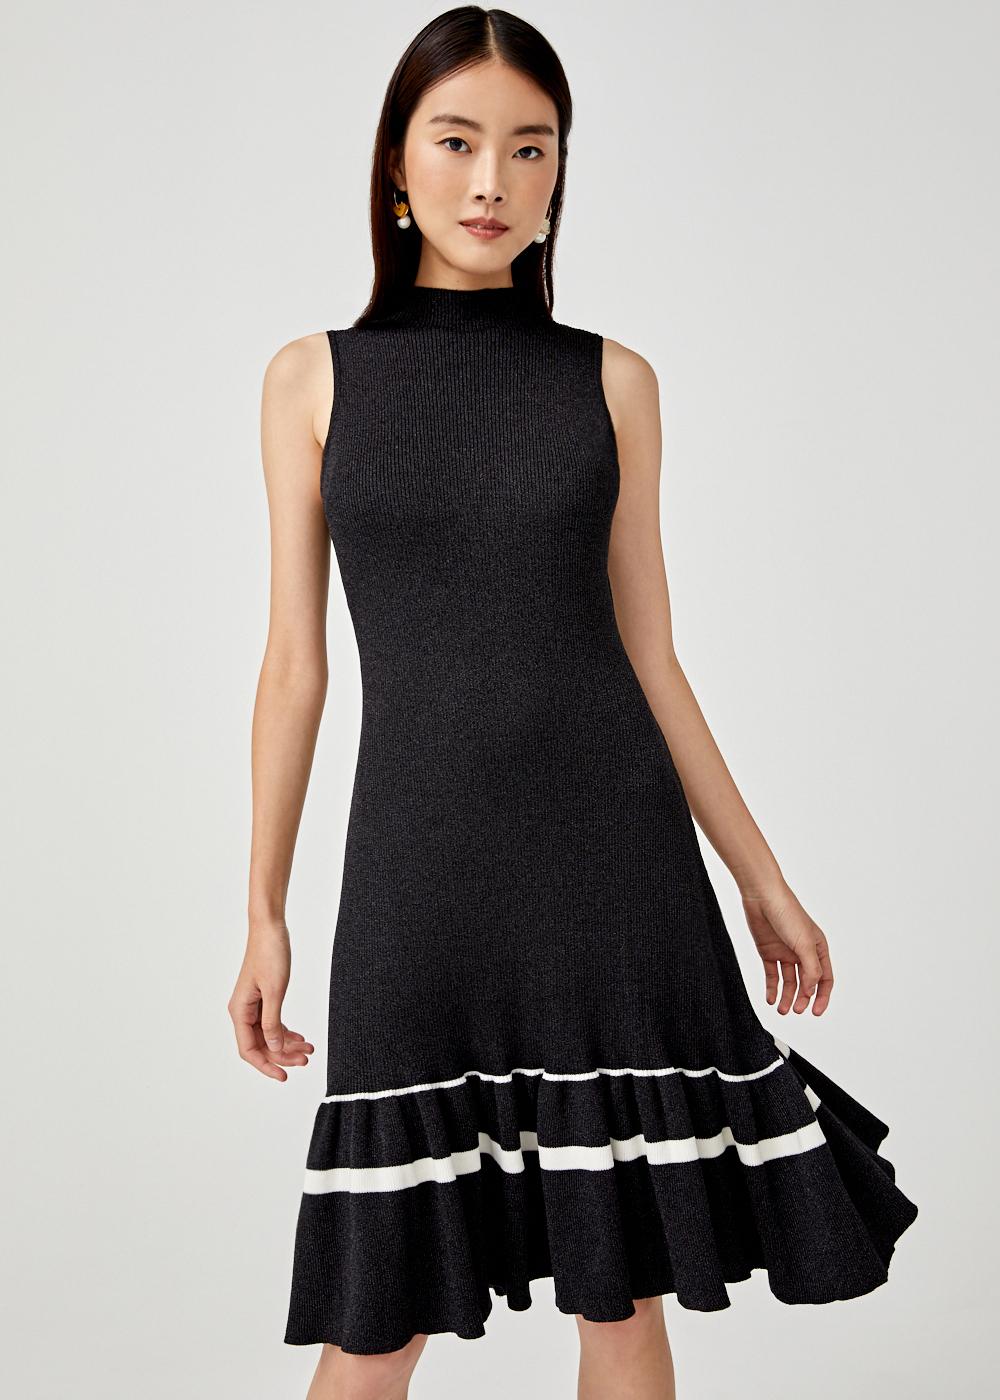 Lalyn Knit Ruffle Hem Dress